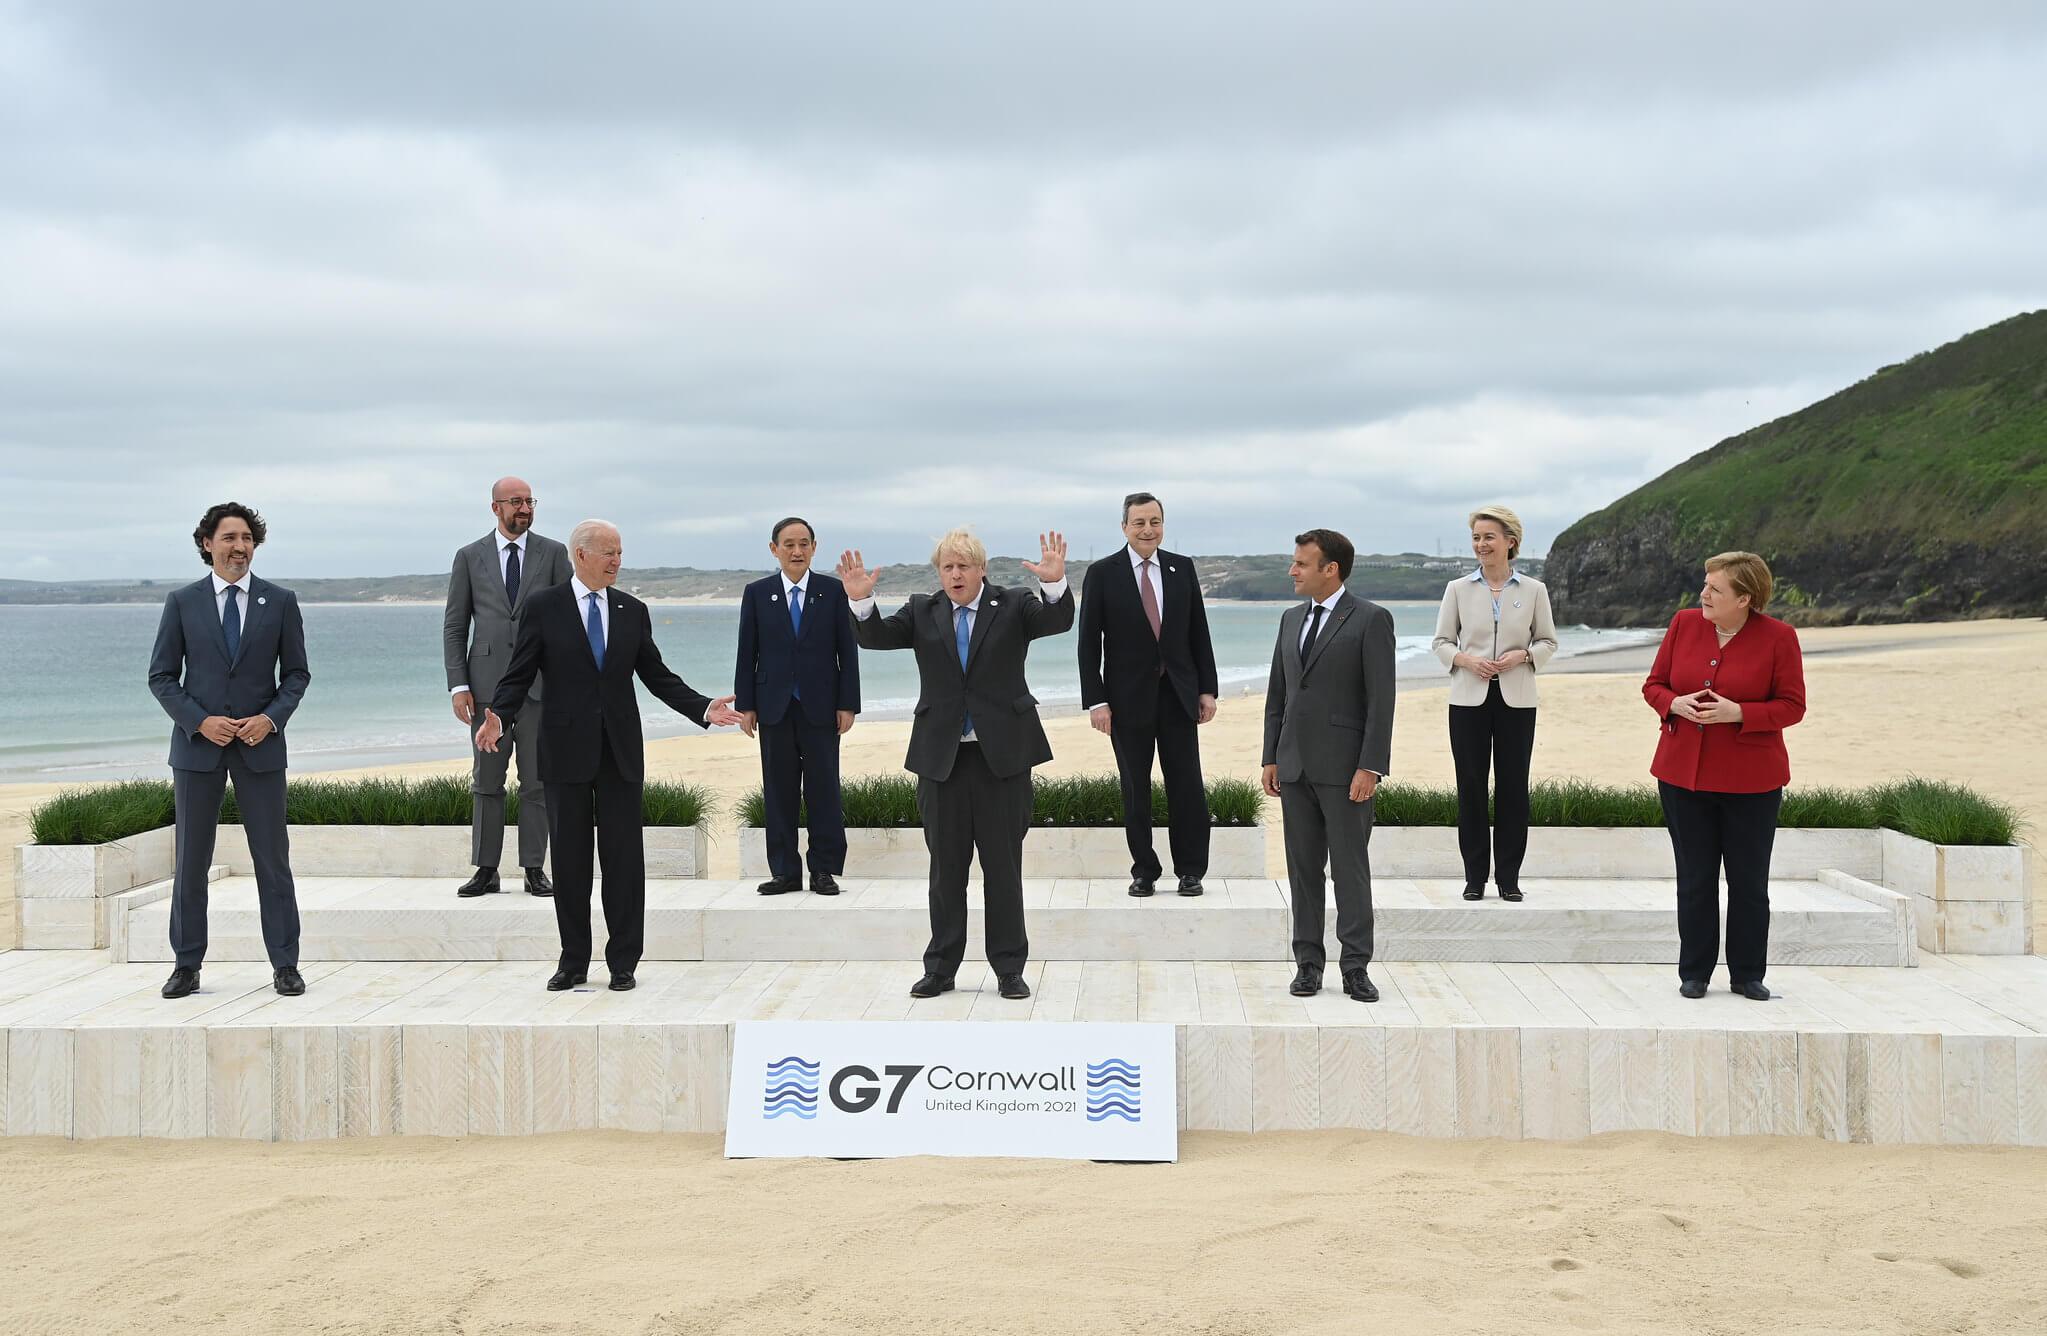 L'ipocrisia del G7: critica il mining di bitcoin ma protegge l'industria dei combustibili fossili